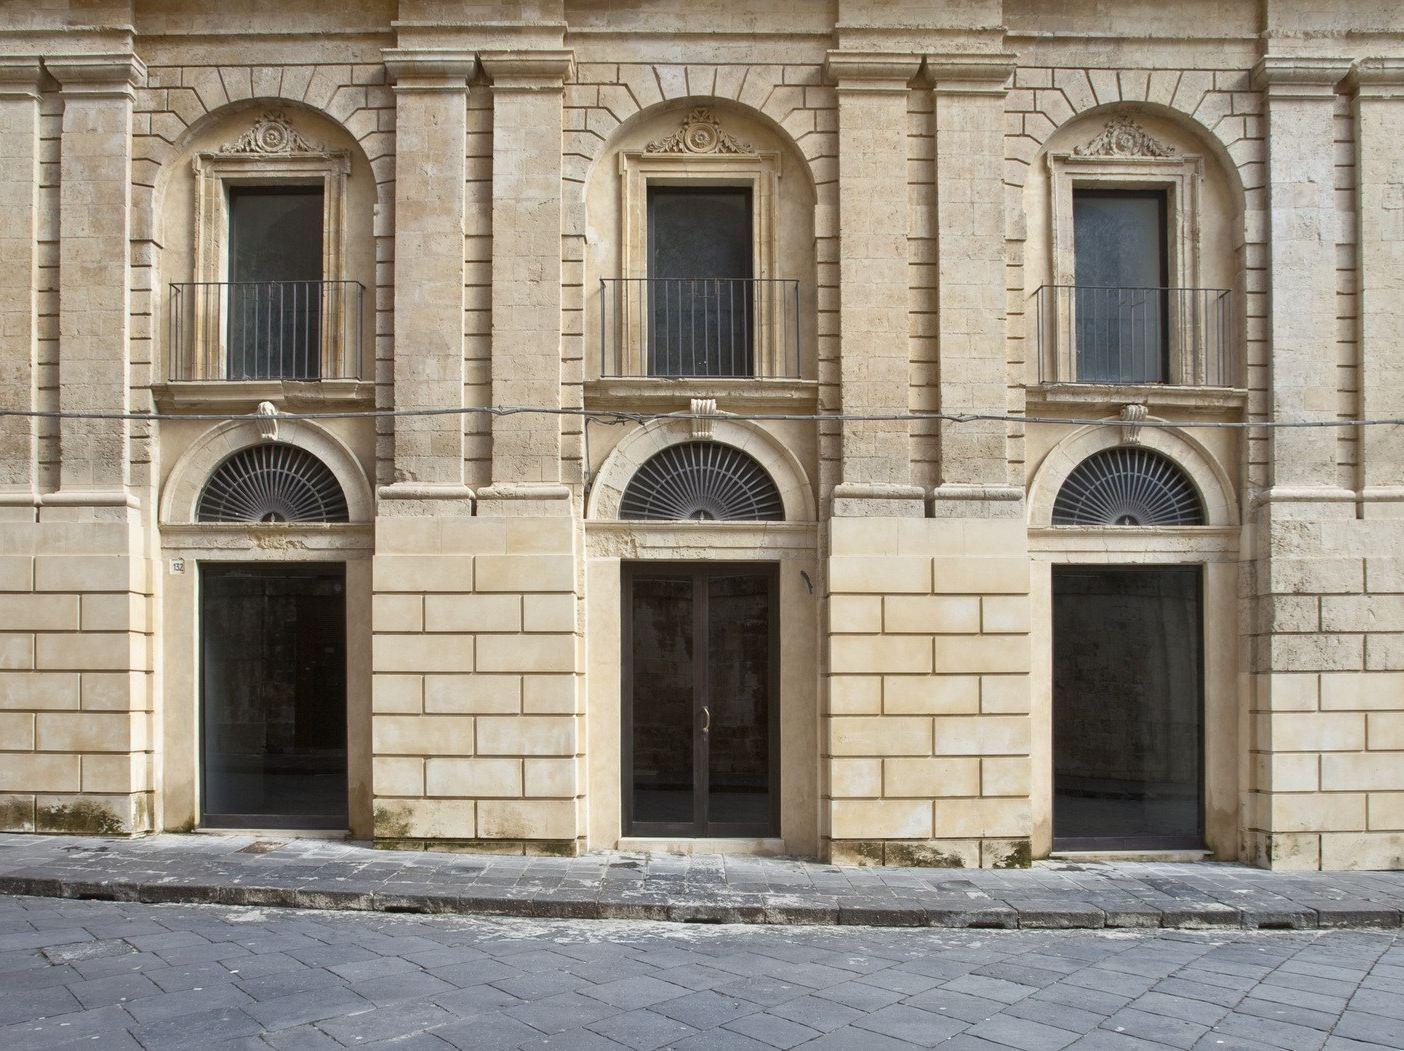 Ebe 65 porte e finestre by secco sistemi - Finestre e porte ...